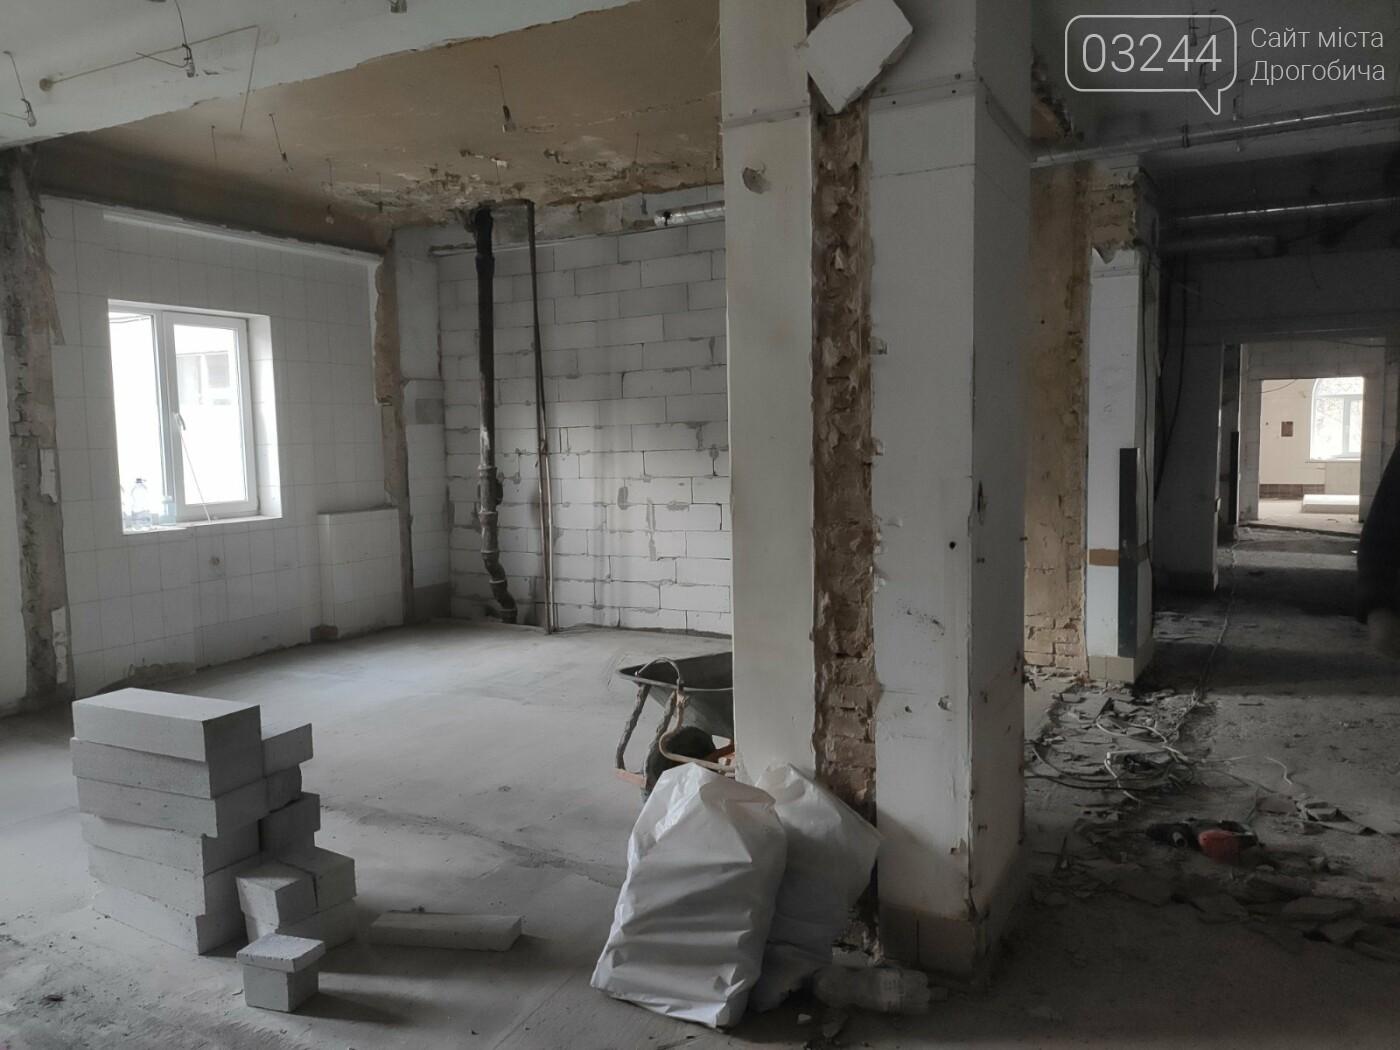 Дрогобицька міська лікарня №1 оновлює  приймальне відділення  – стартував капремонт приміщення  , фото-4